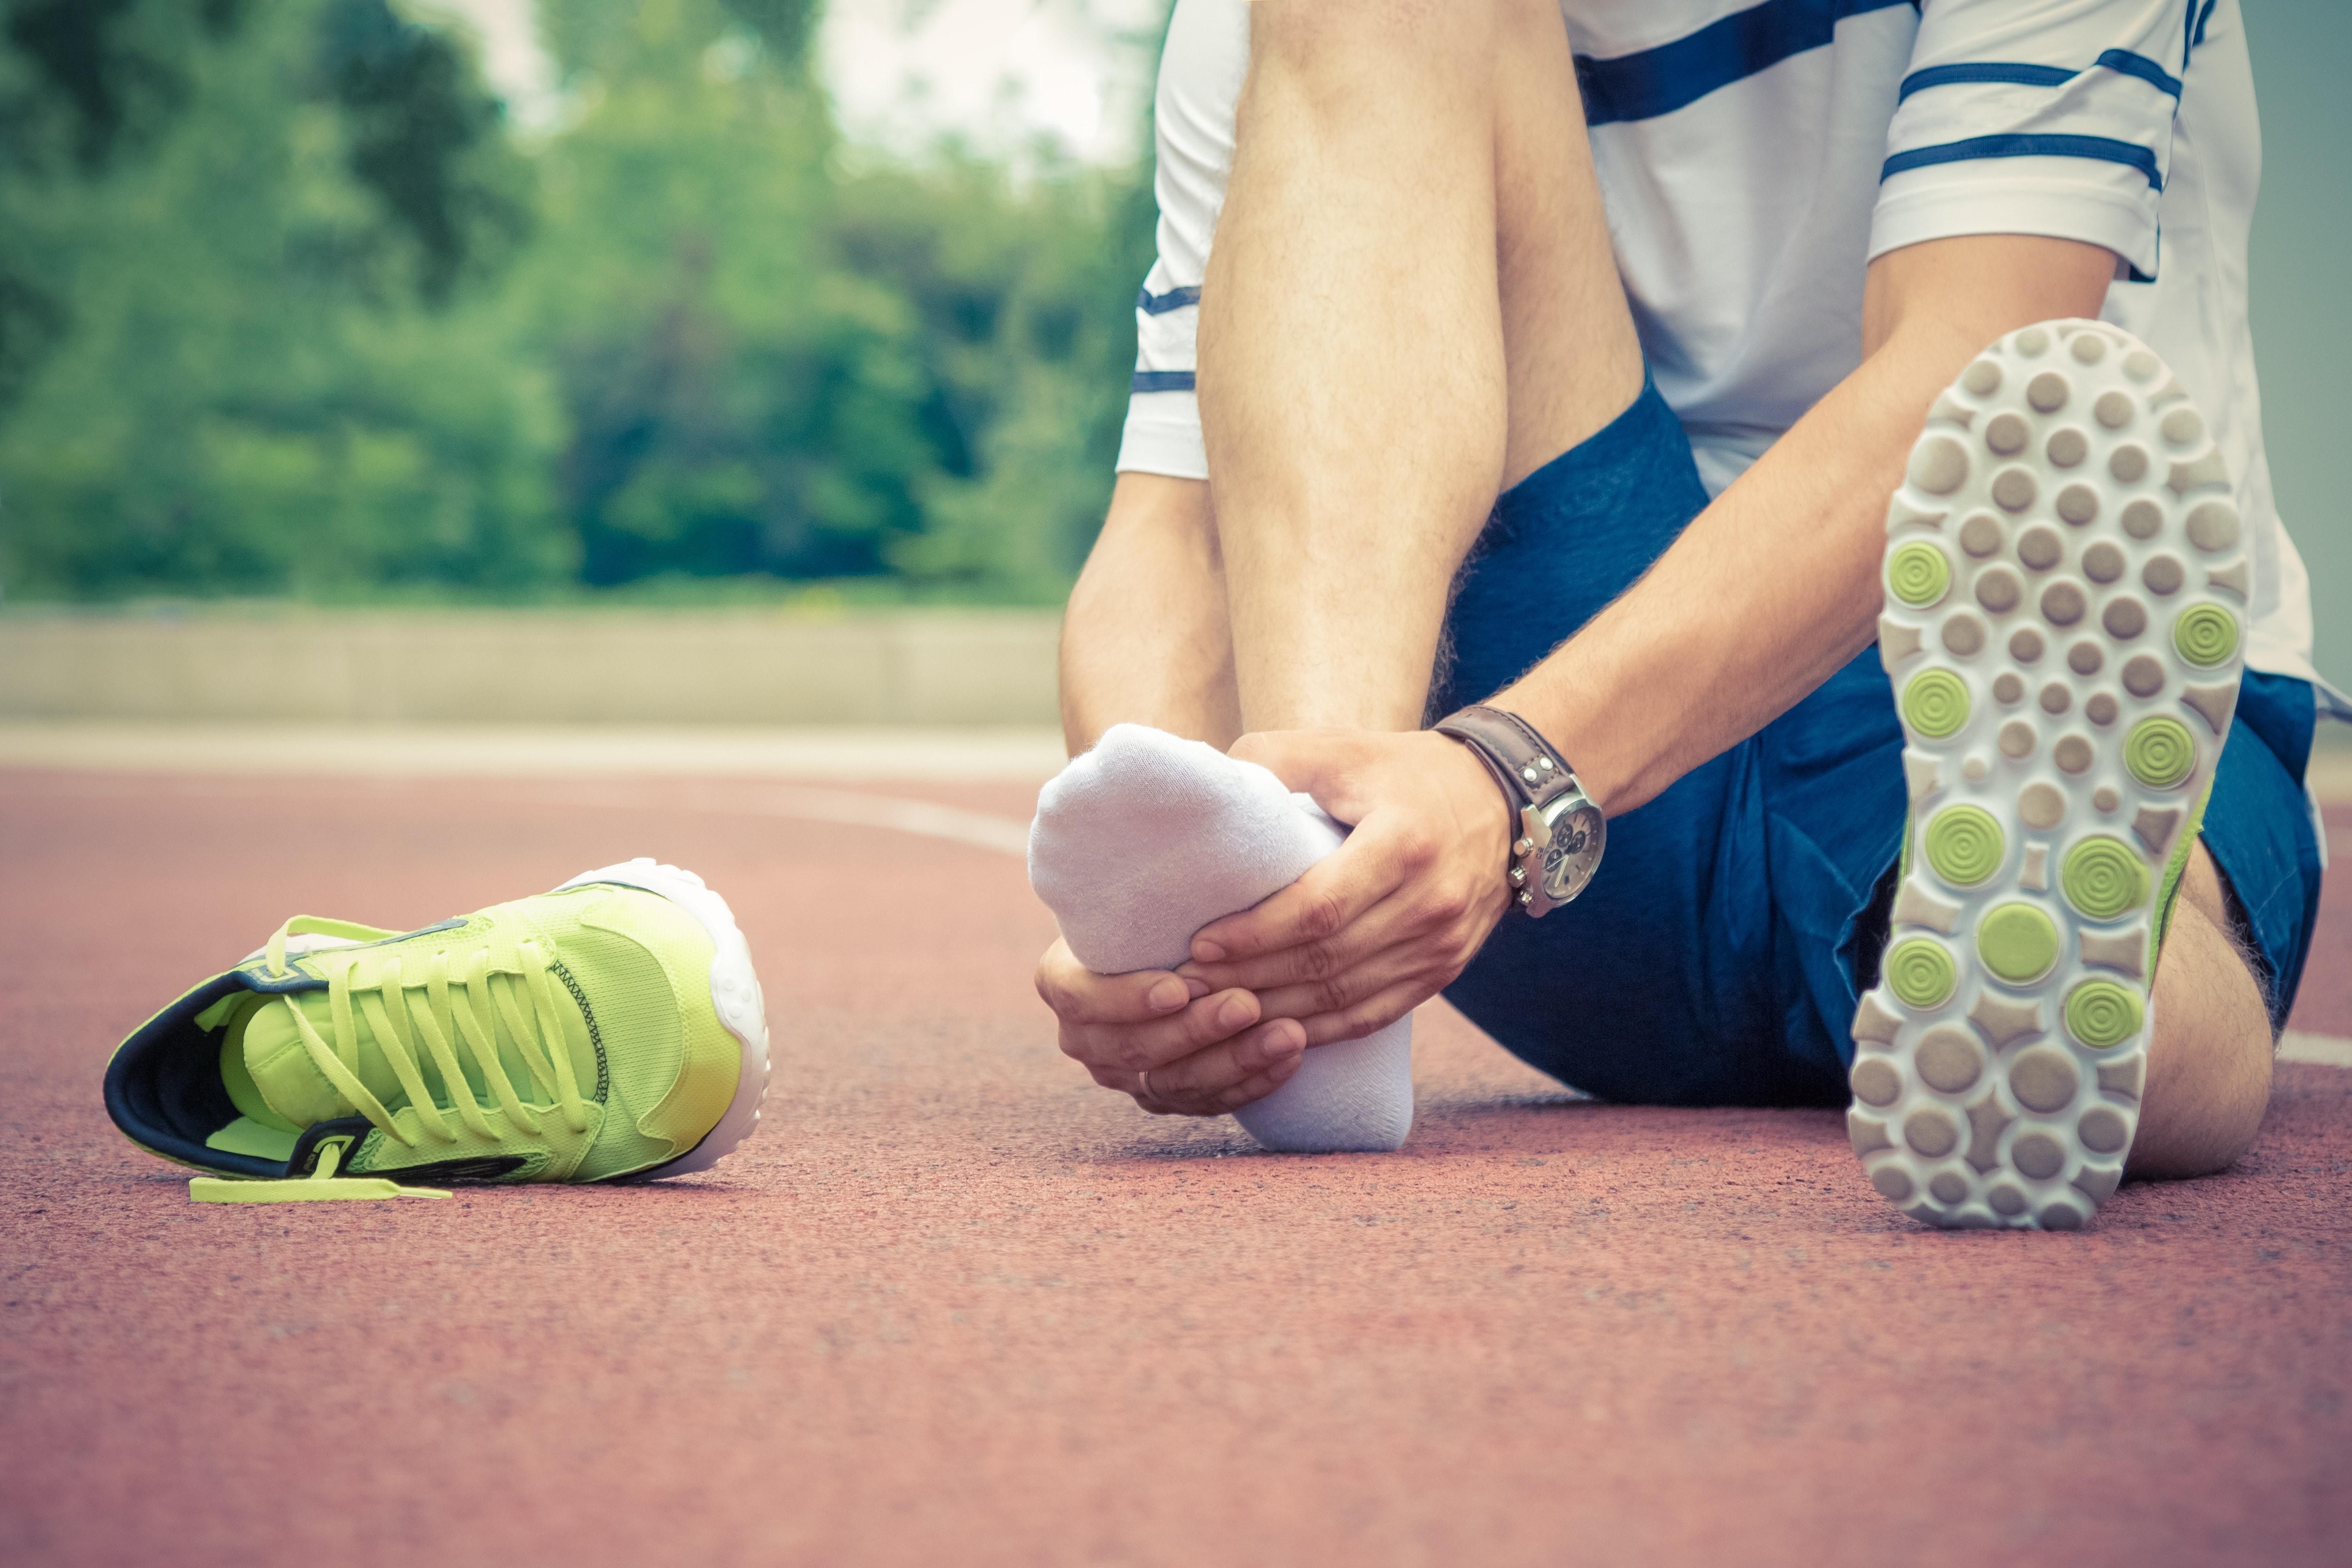 ondt i foden efter løb